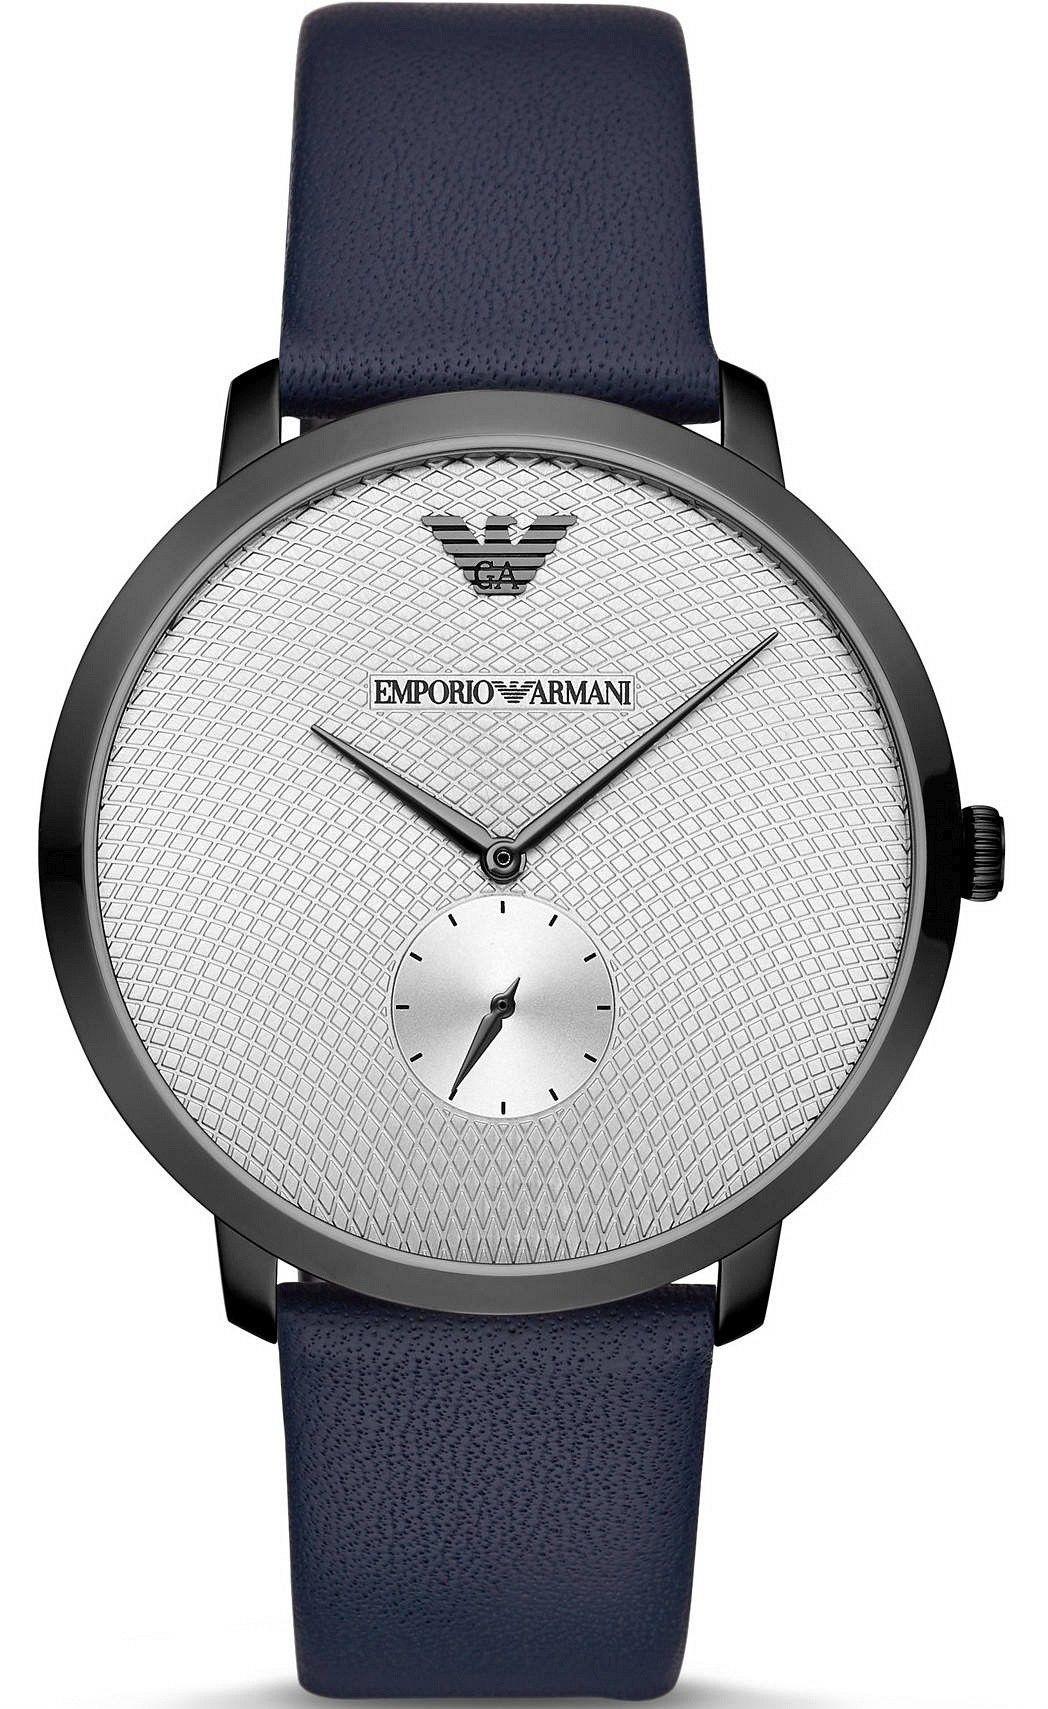 Zegarek Emporio Armani AR11214 Modern Slim - CENA DO NEGOCJACJI - DOSTAWA DHL GRATIS, KUPUJ BEZ RYZYKA - 100 dni na zwrot, możliwość wygrawerowania dowolnego tekstu.